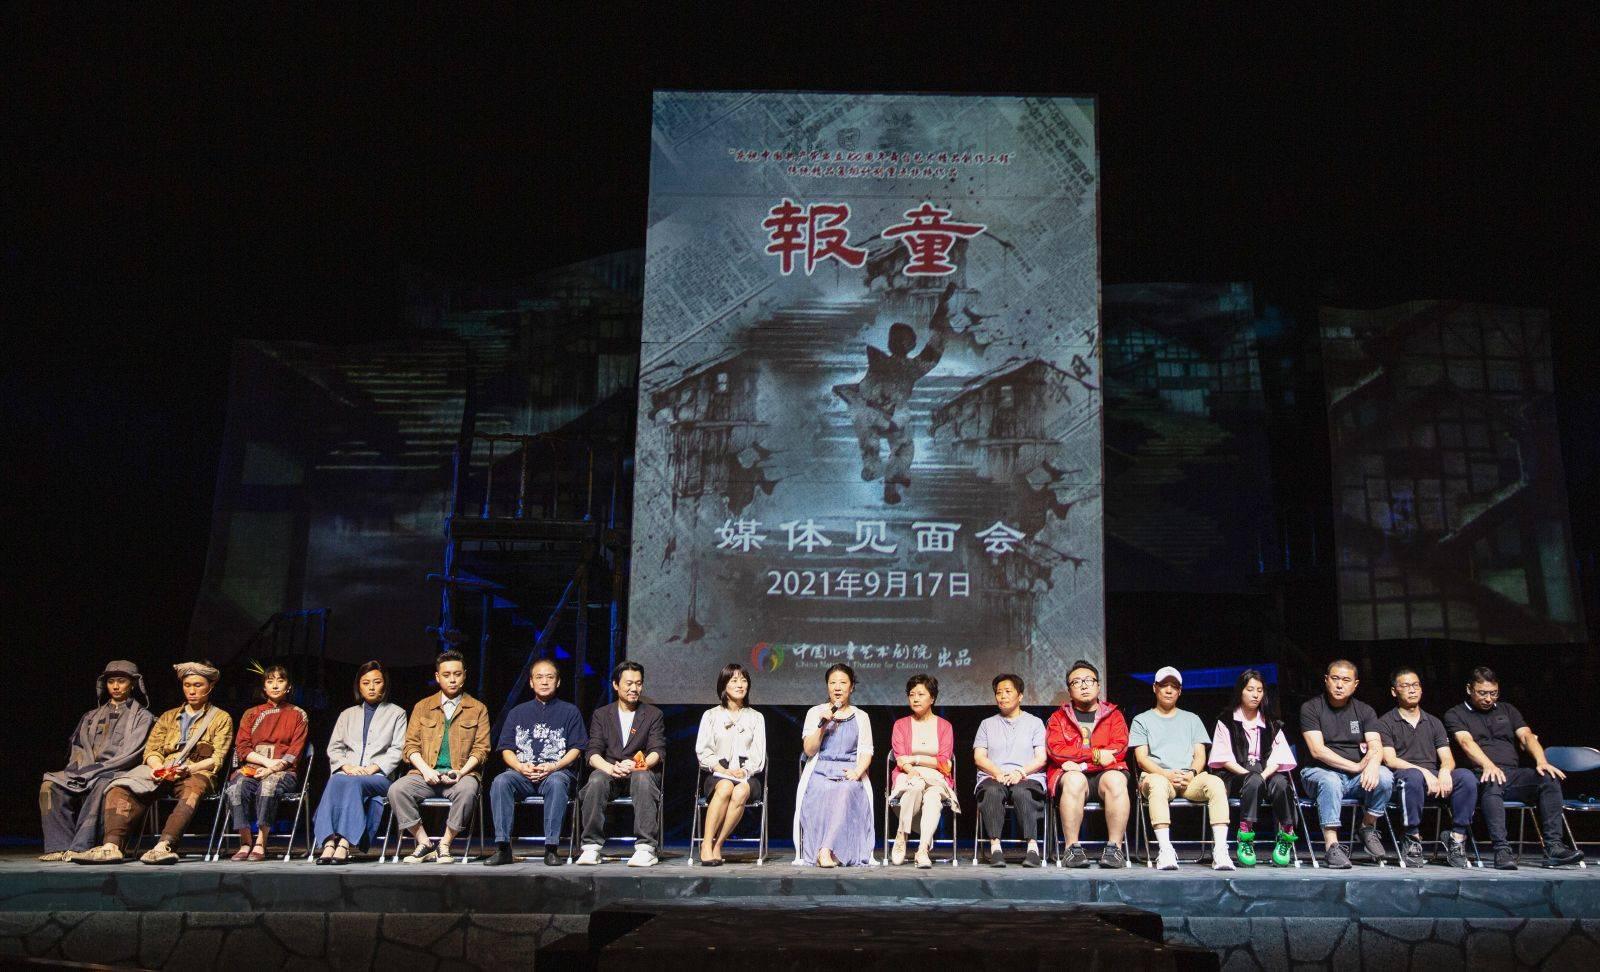 中国儿艺复排经典儿童剧《报童》,老中青三代演员集结演出